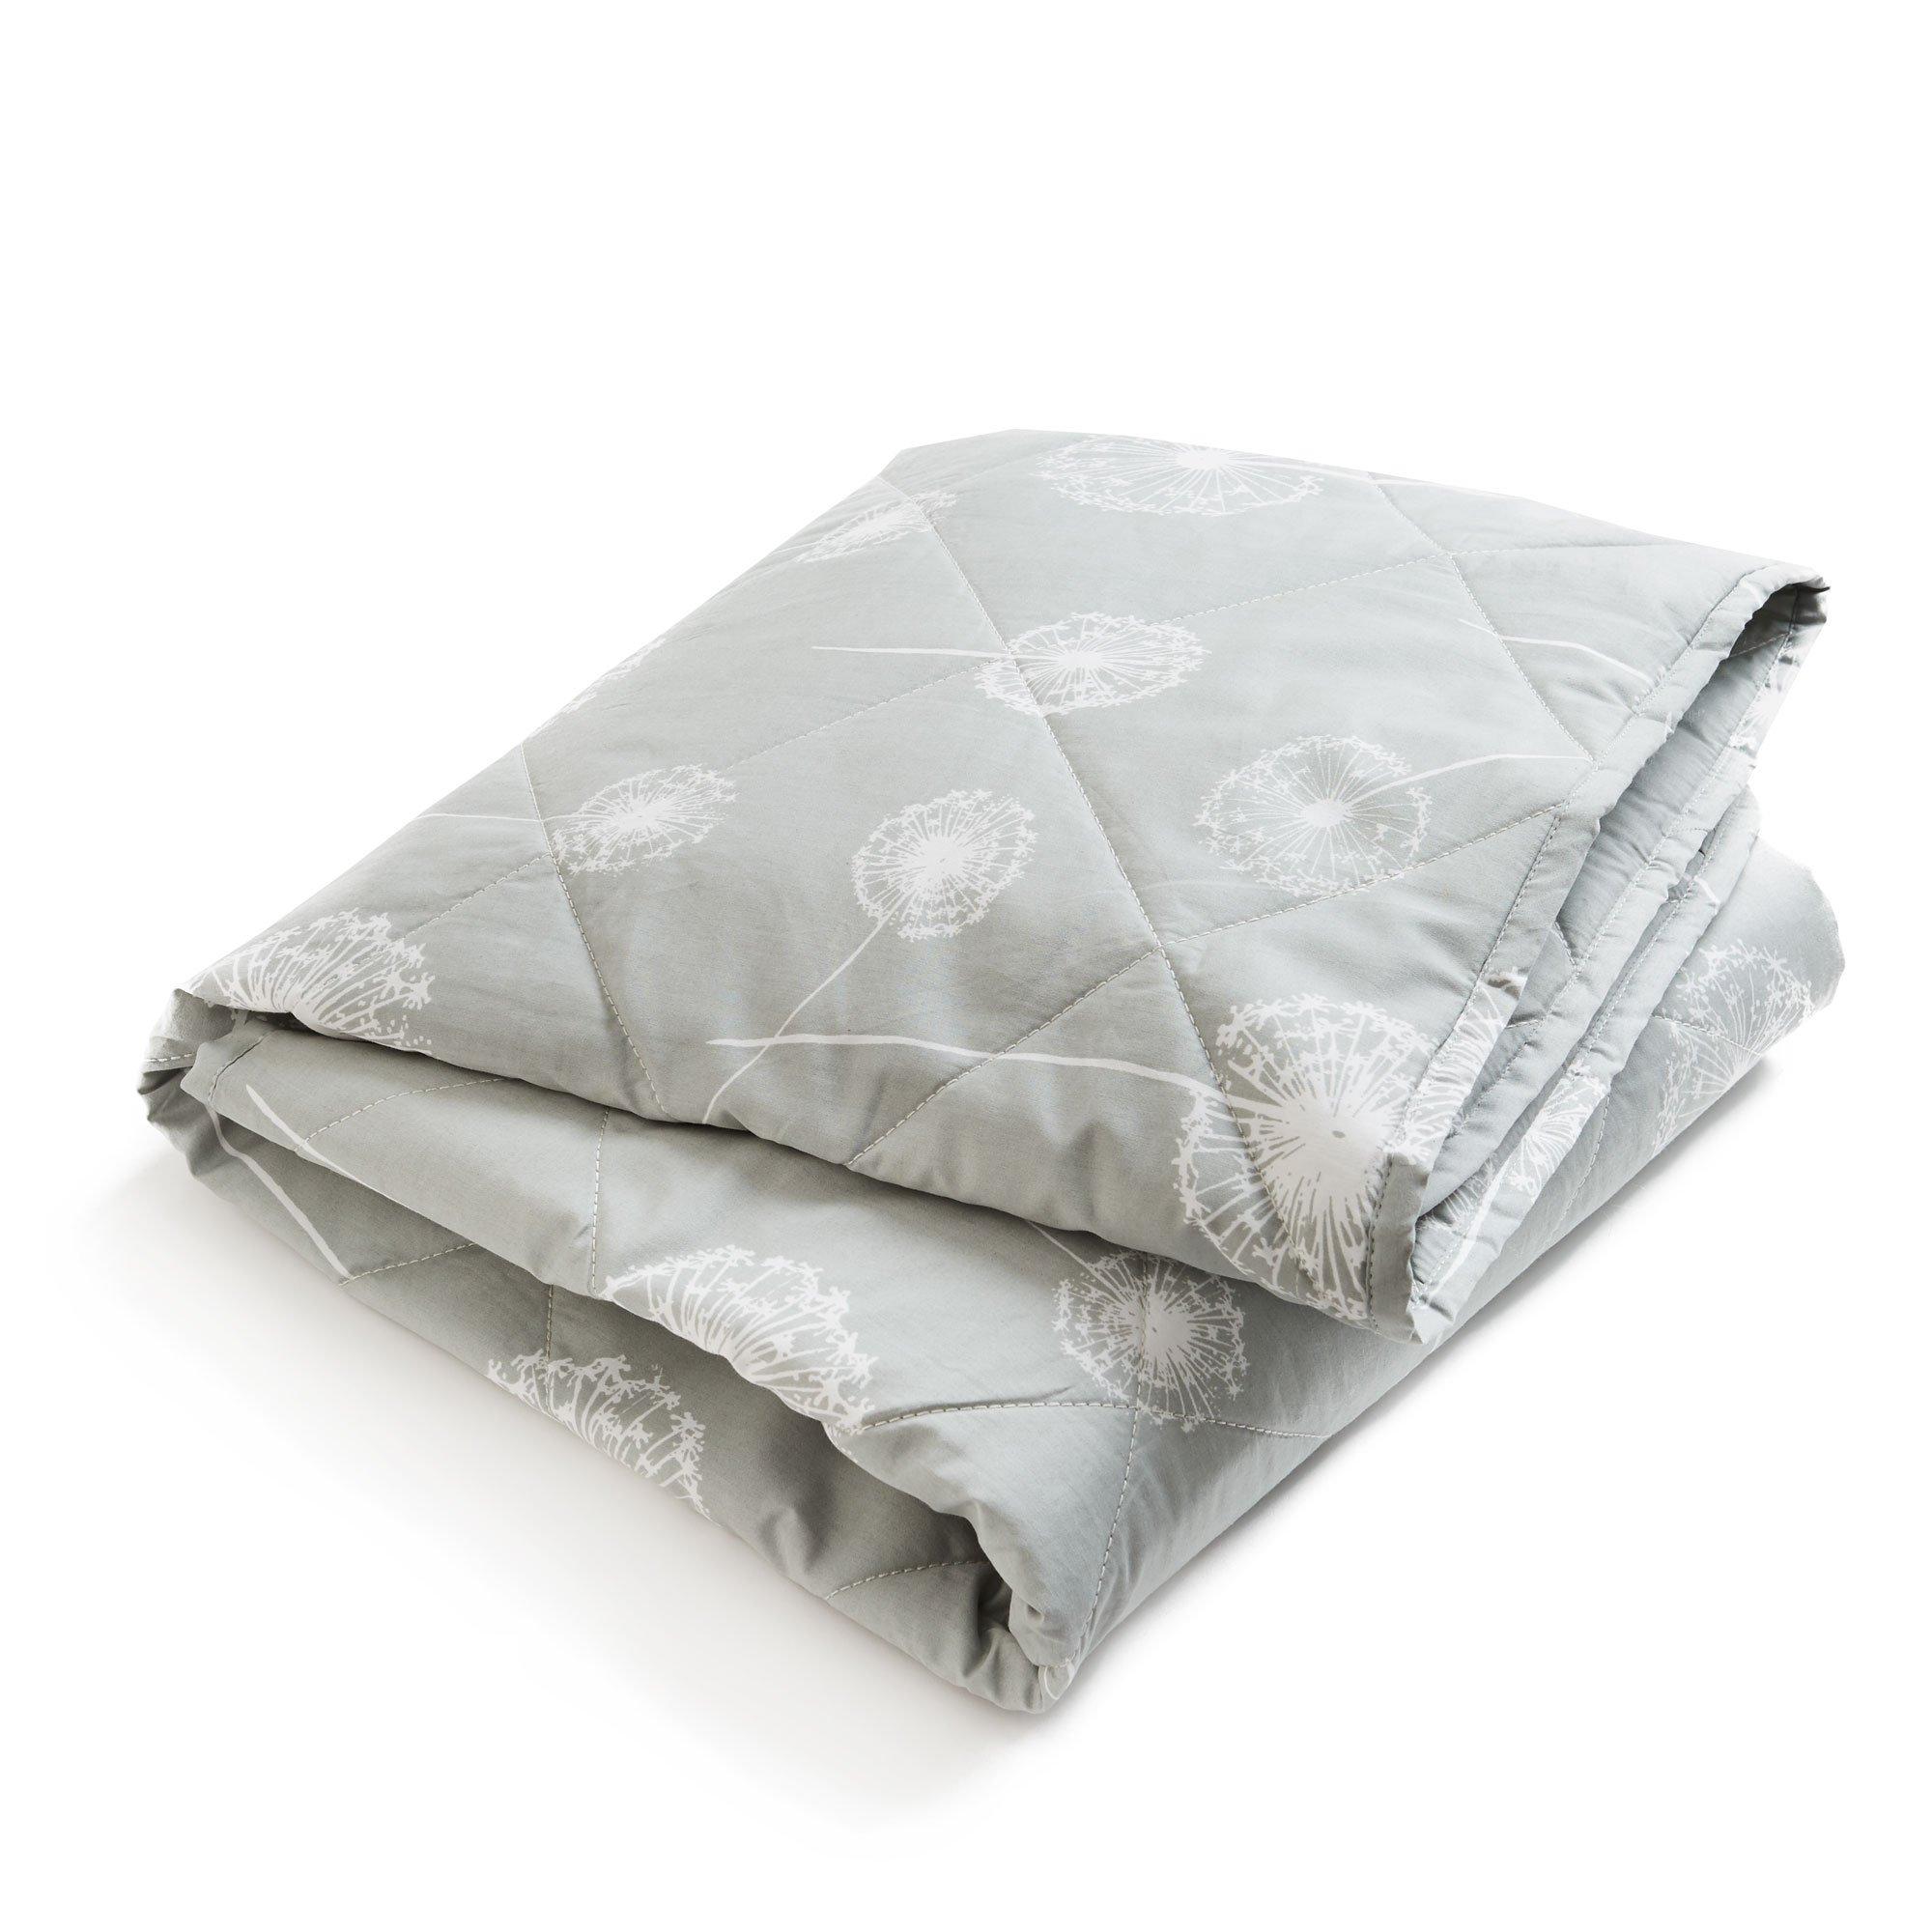 Brooklyn Born Organic Quilt - Wishes & Dreams, Grey/White, One Size by Brooklyn Born